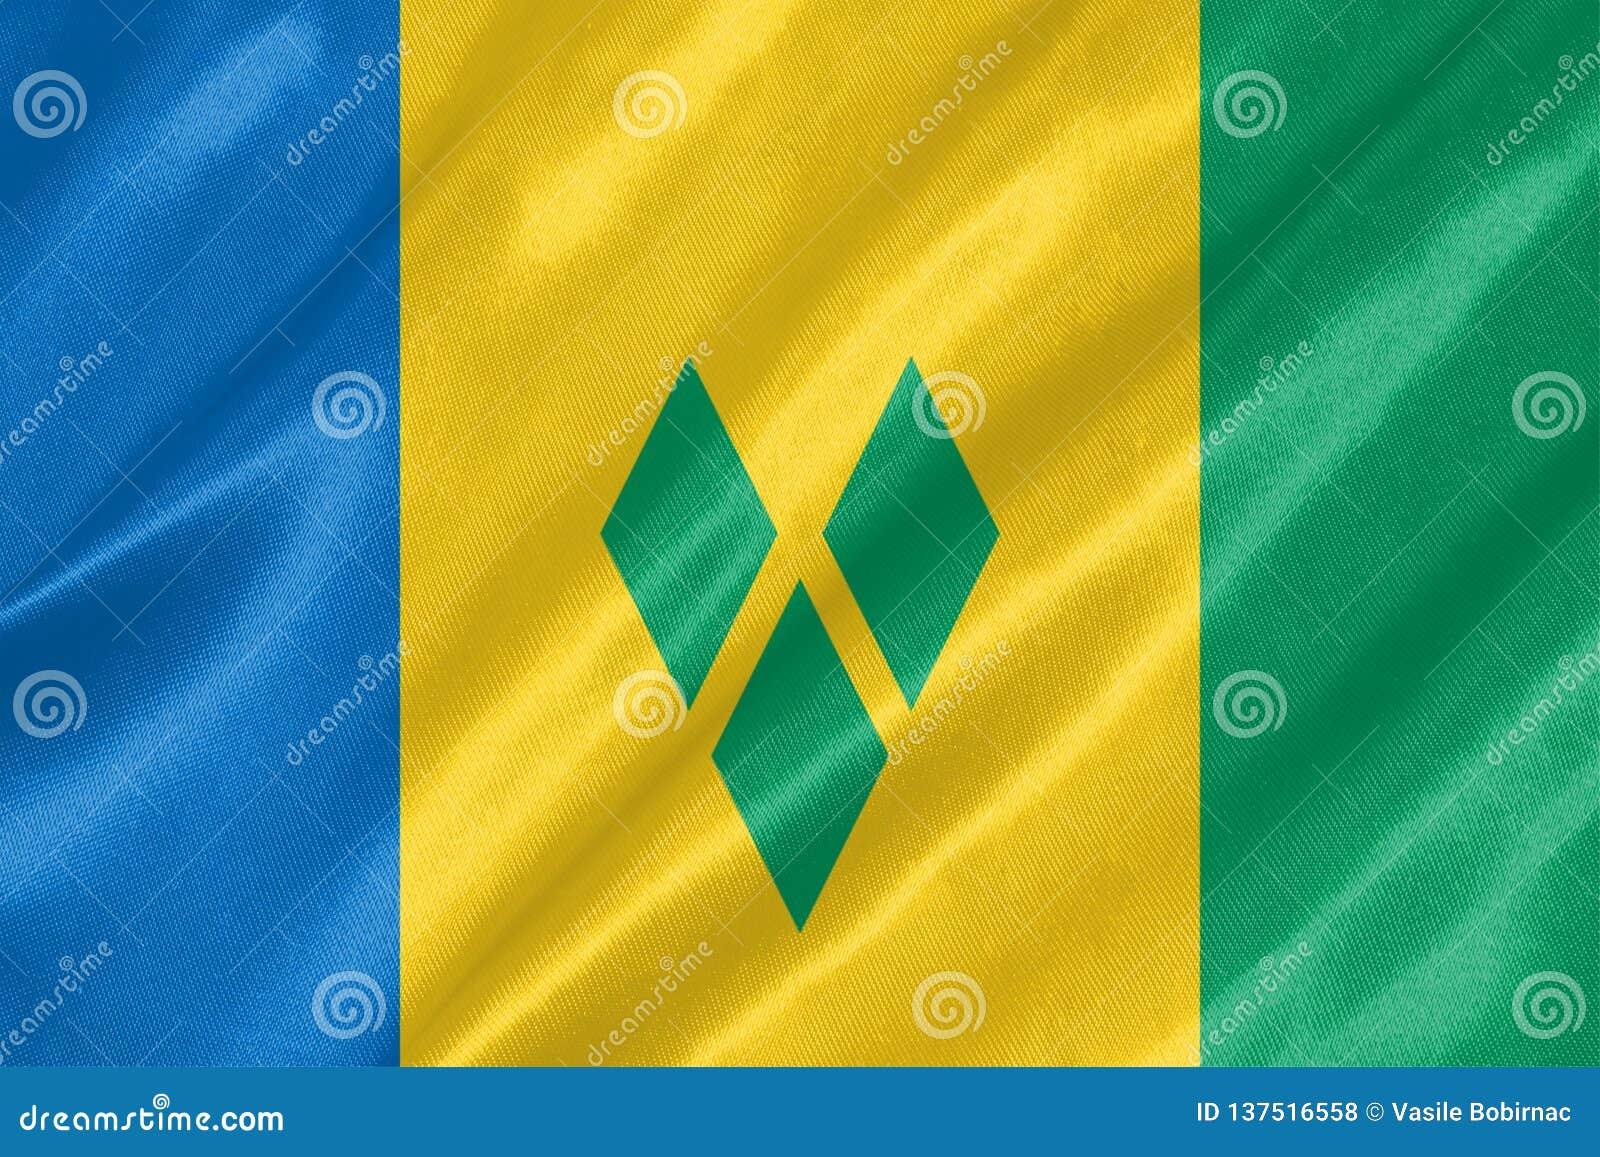 Drapeau de Saint-Vincent-et-les-Grenadines